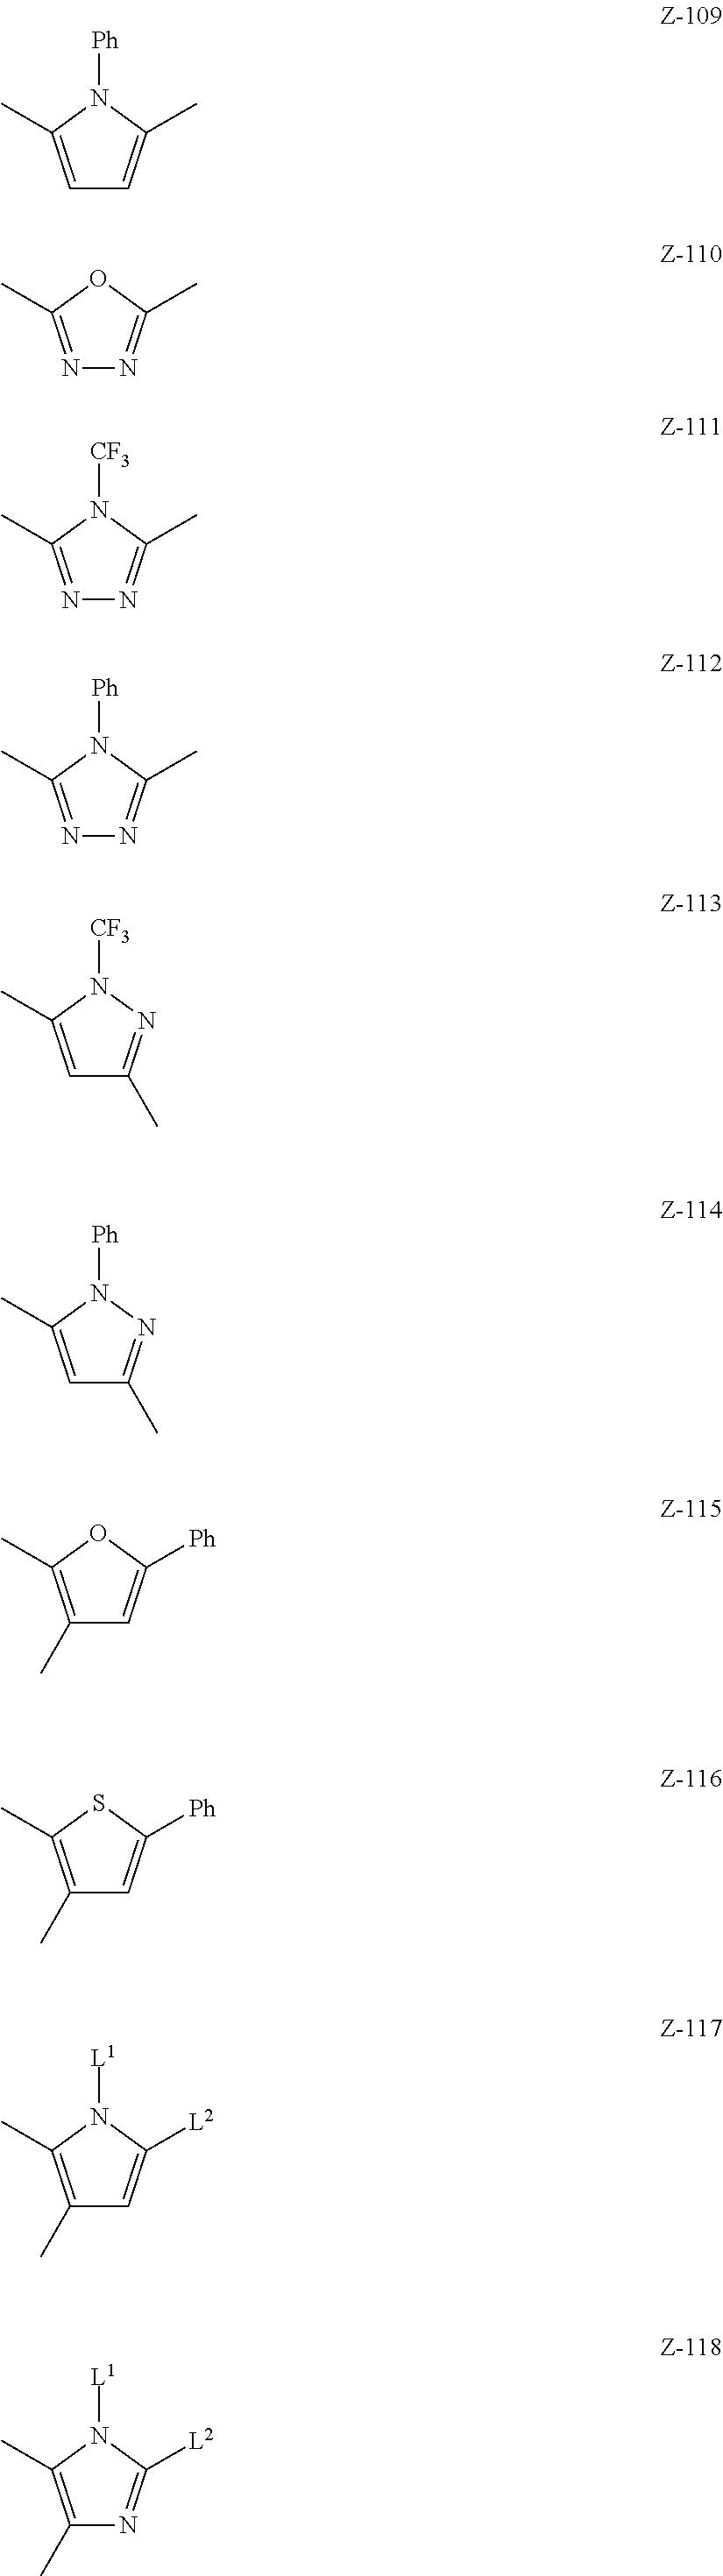 Figure US20110215312A1-20110908-C00043